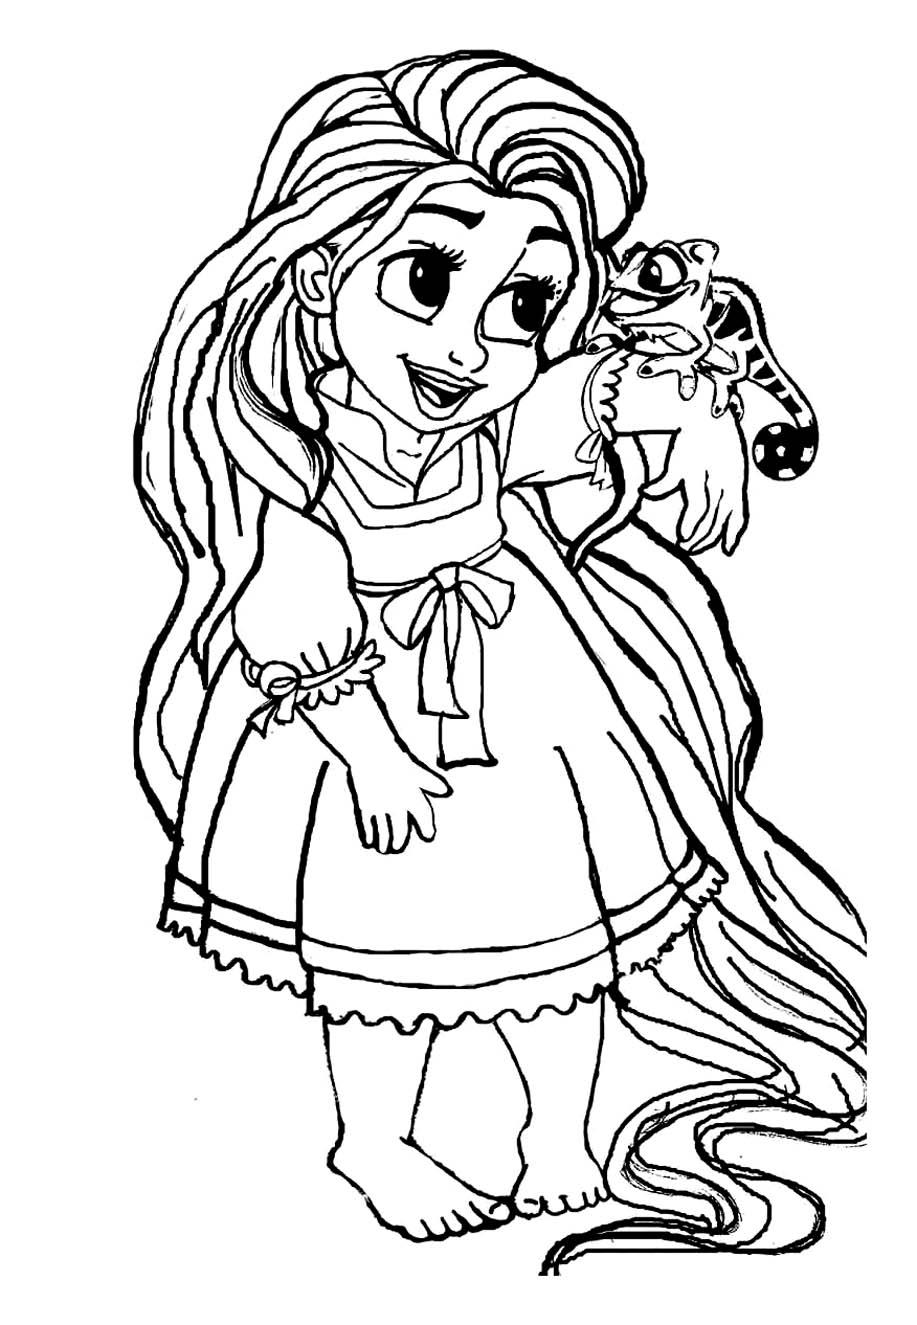 dessin a colorier raiponce gratuit